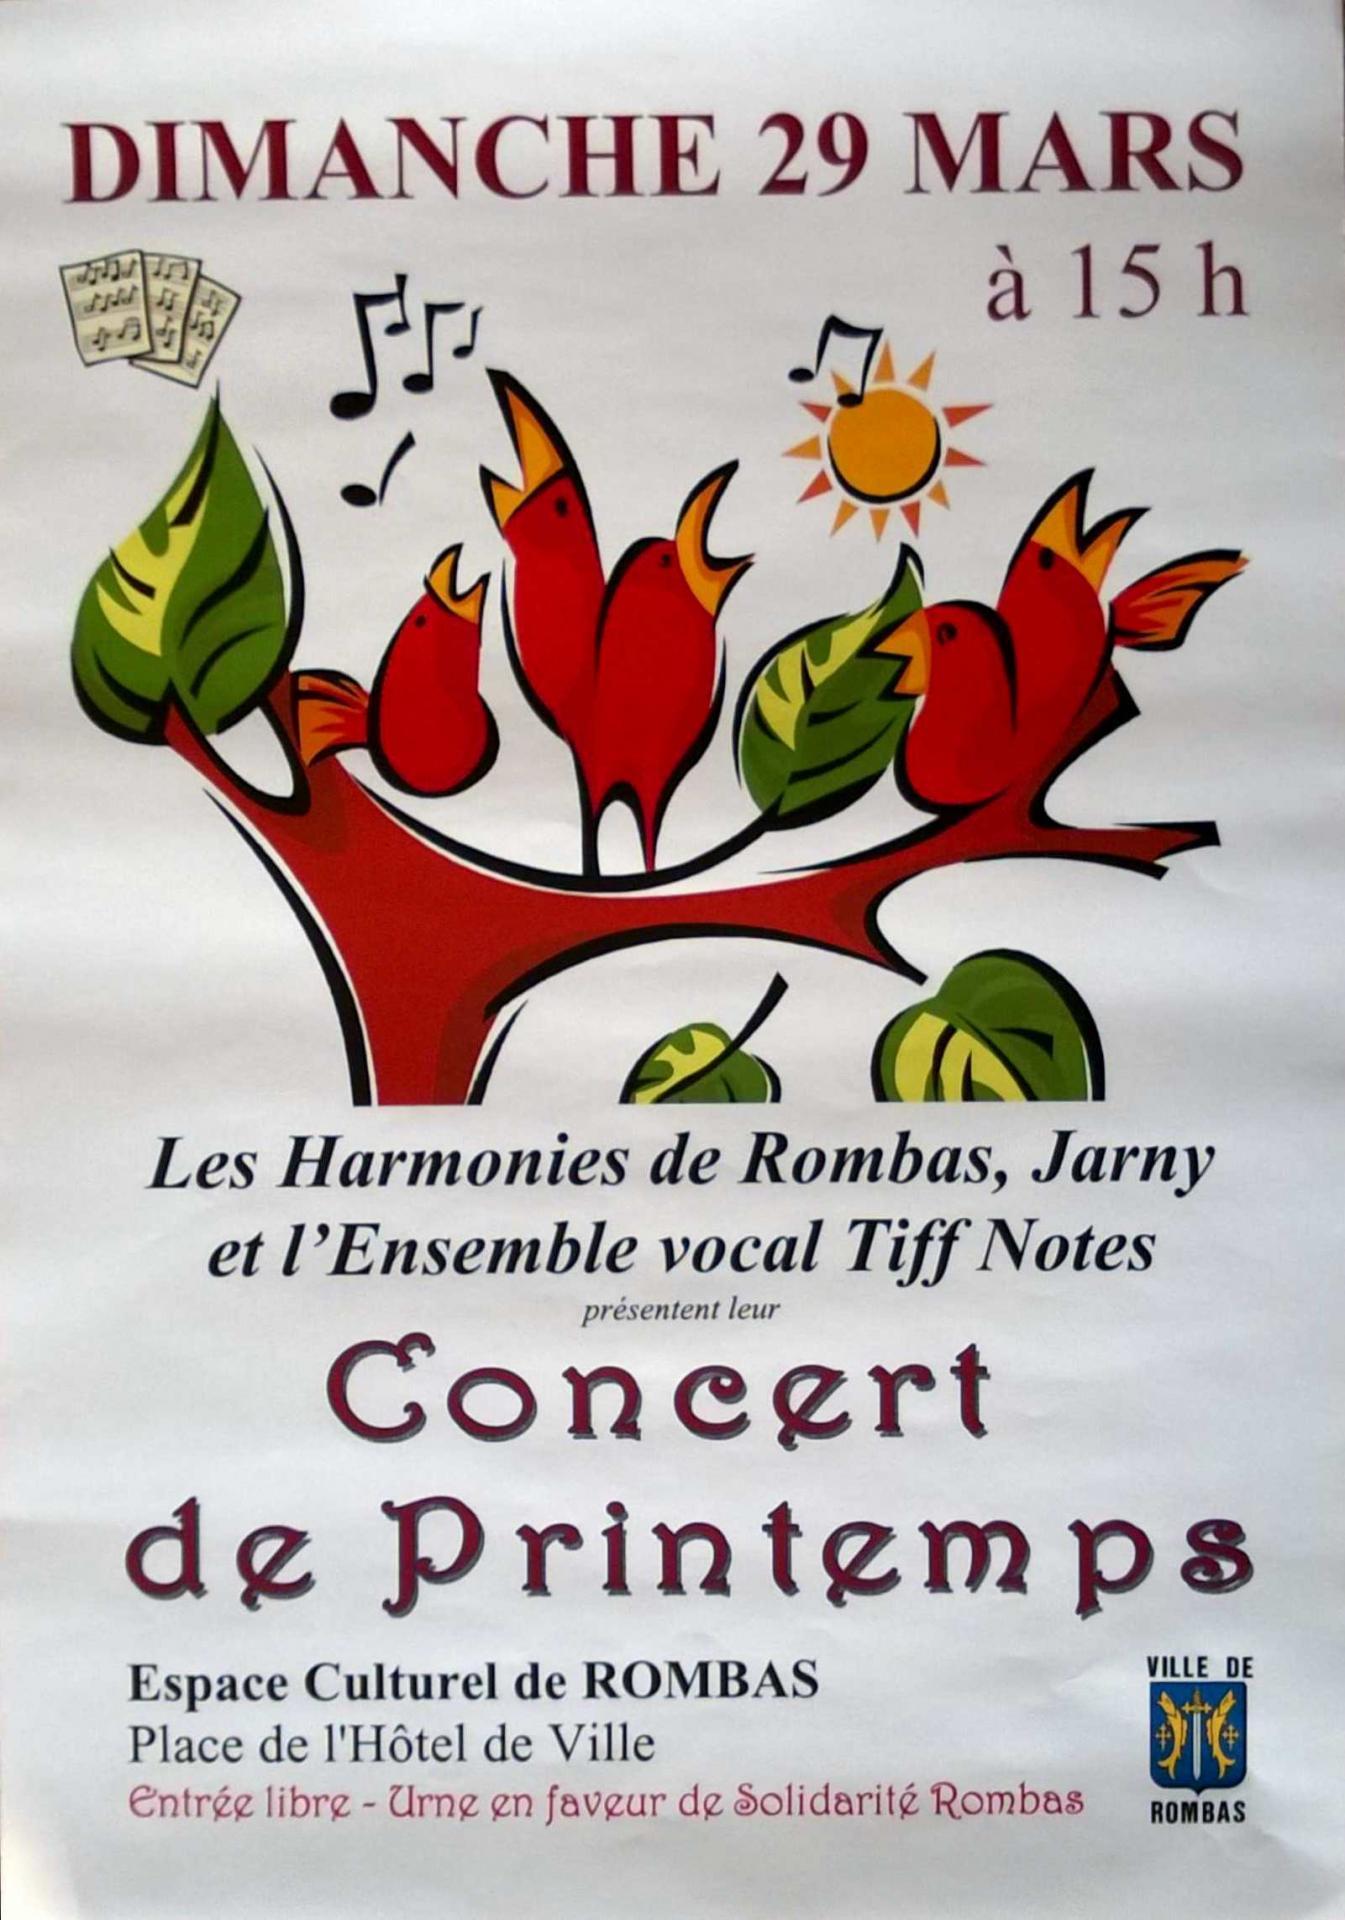 Affiche concert conv